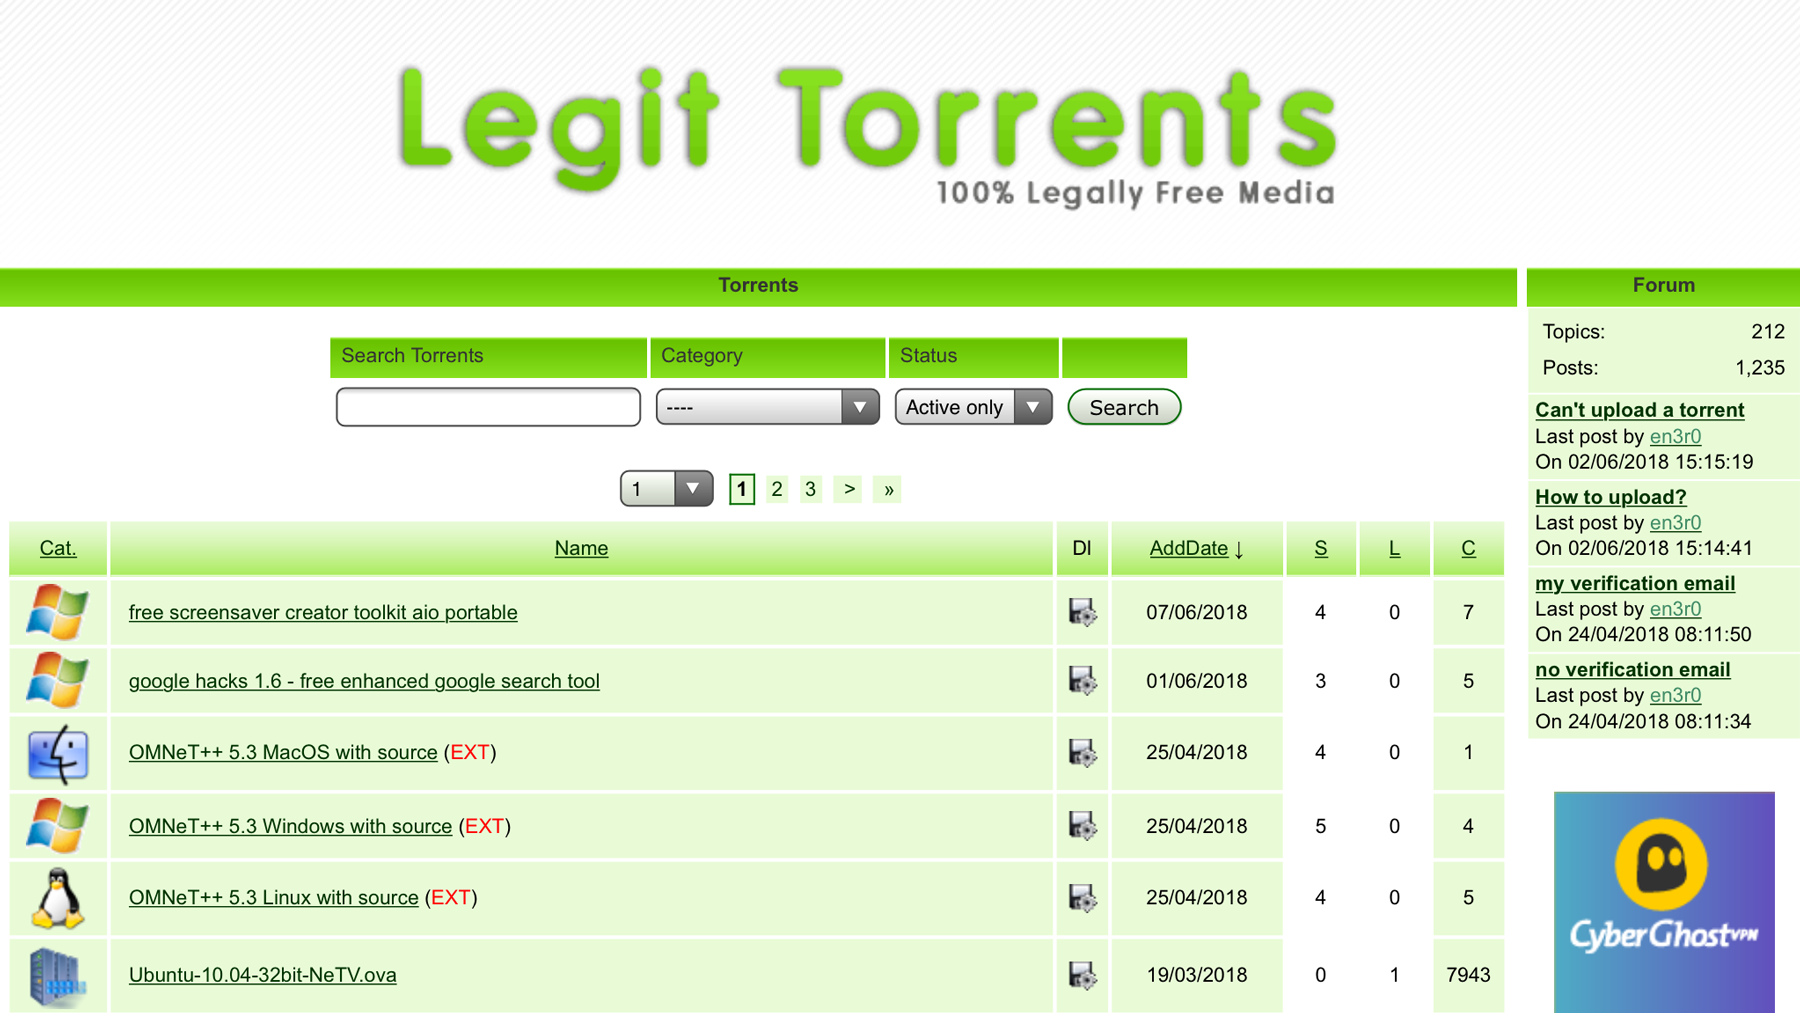 Cómo descargar torrents en iPad sin jailbreak: Legit Torrents